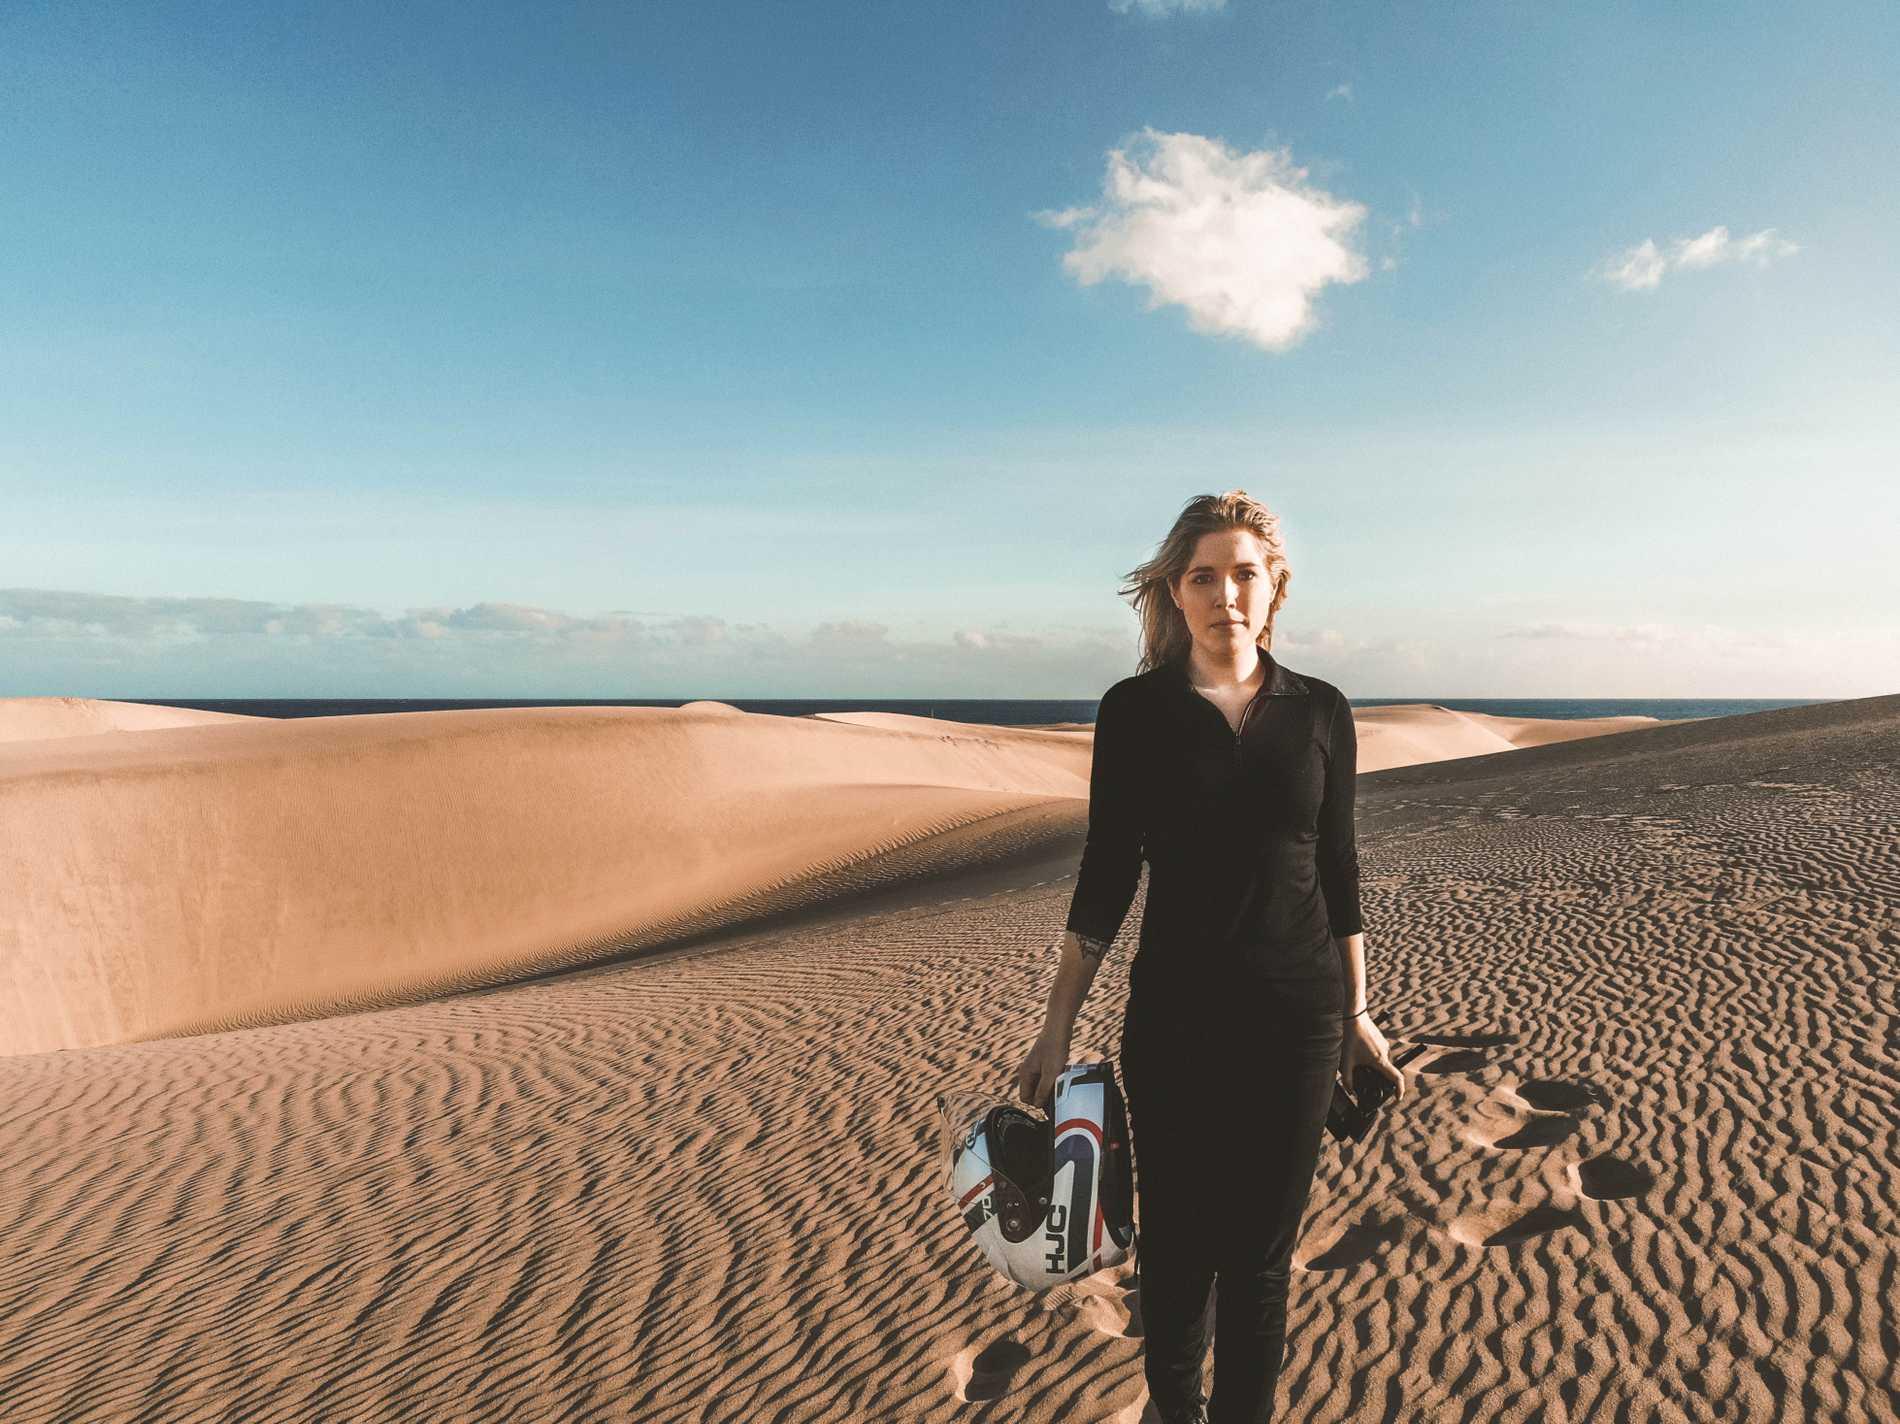 """Resan till Gran Canaria överraskade Hanna: """"Jag har alltid trott att det är dit pensionärer åker för att sitta på stora hotell. Men det är riktigt häftigt""""."""